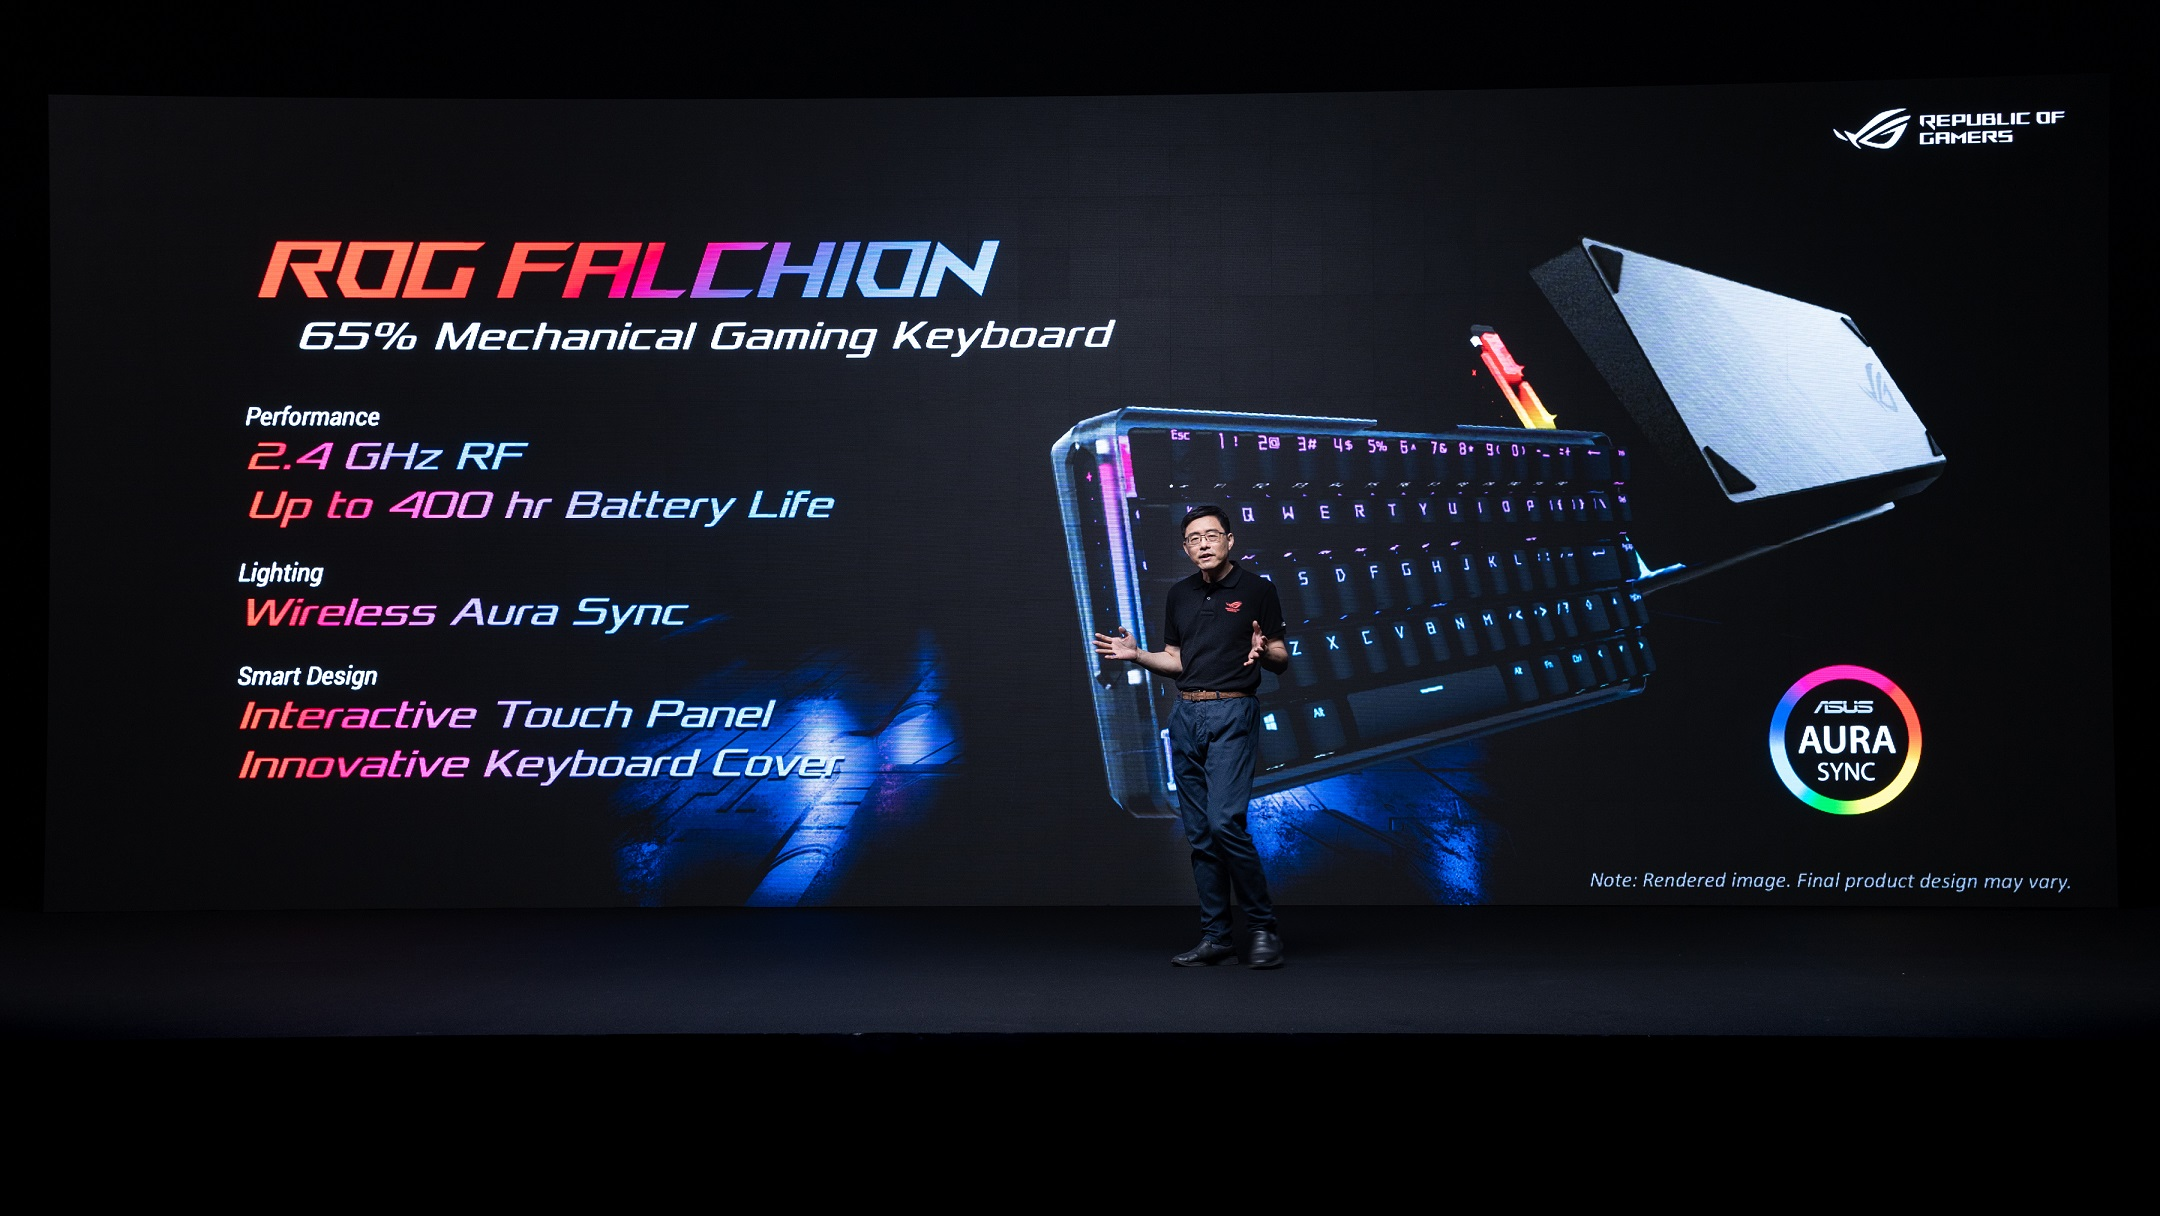 ROG Falchion無線機械式鍵盤,可提供遊戲玩家1ms、2.4 GHz疾速連線,和長達400小時的電力續航,將徹底激發遊戲玩家無限潛力。